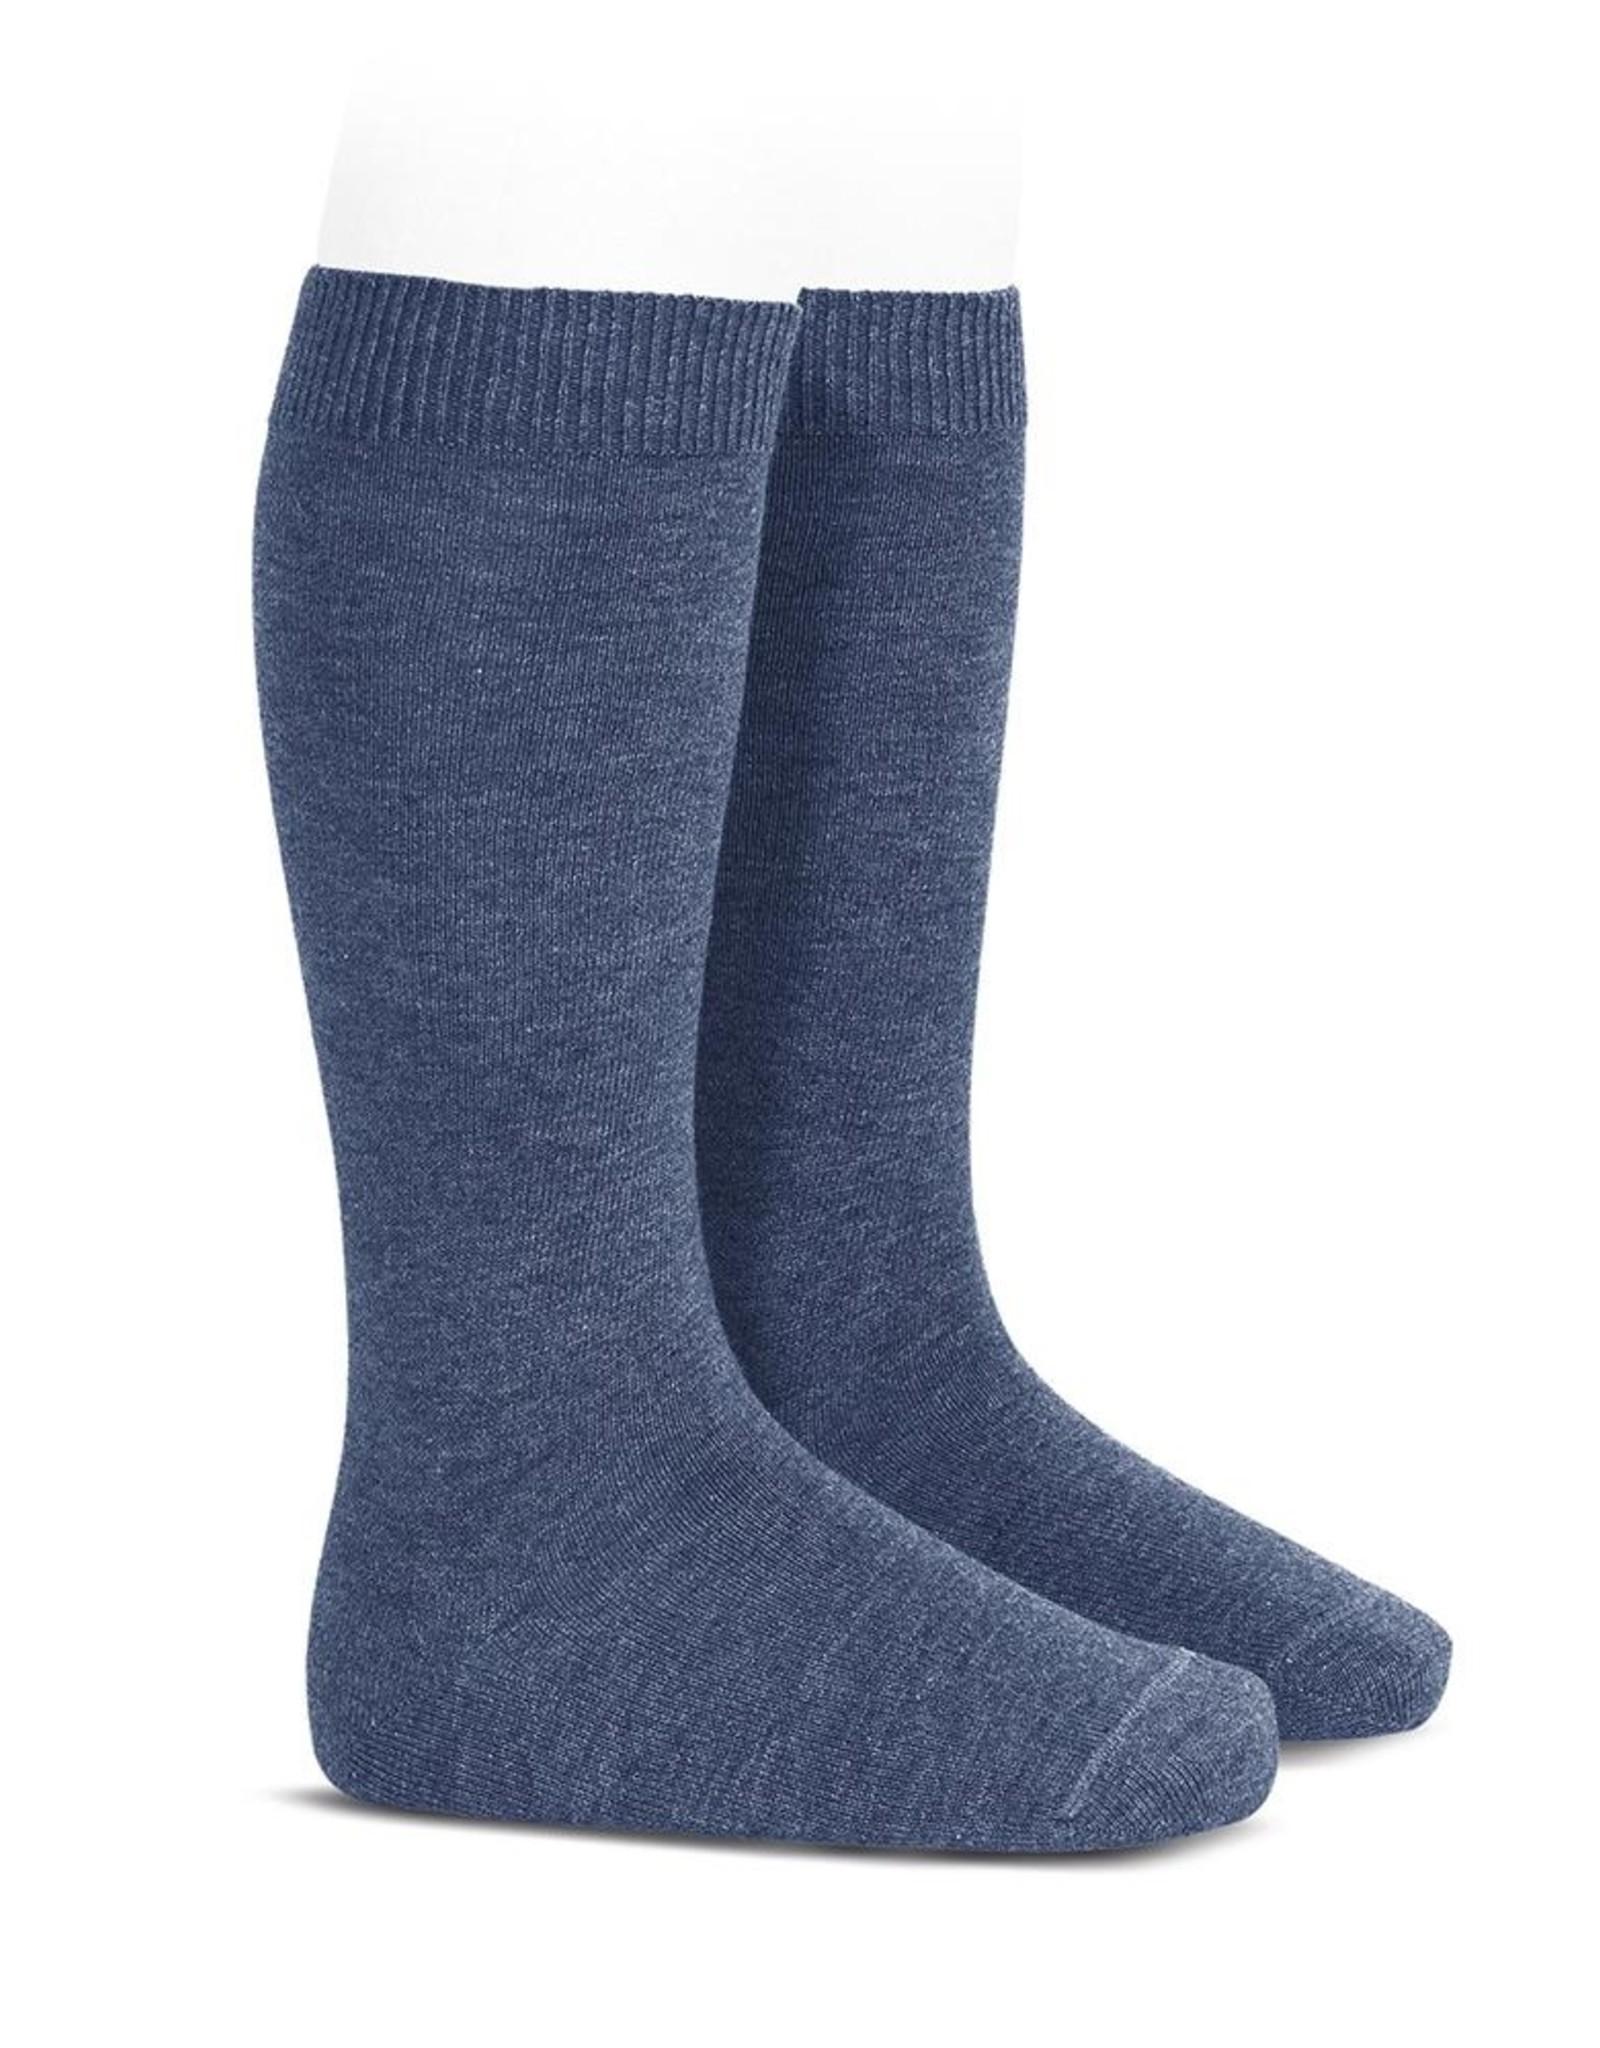 Condor Condor Knee Sock